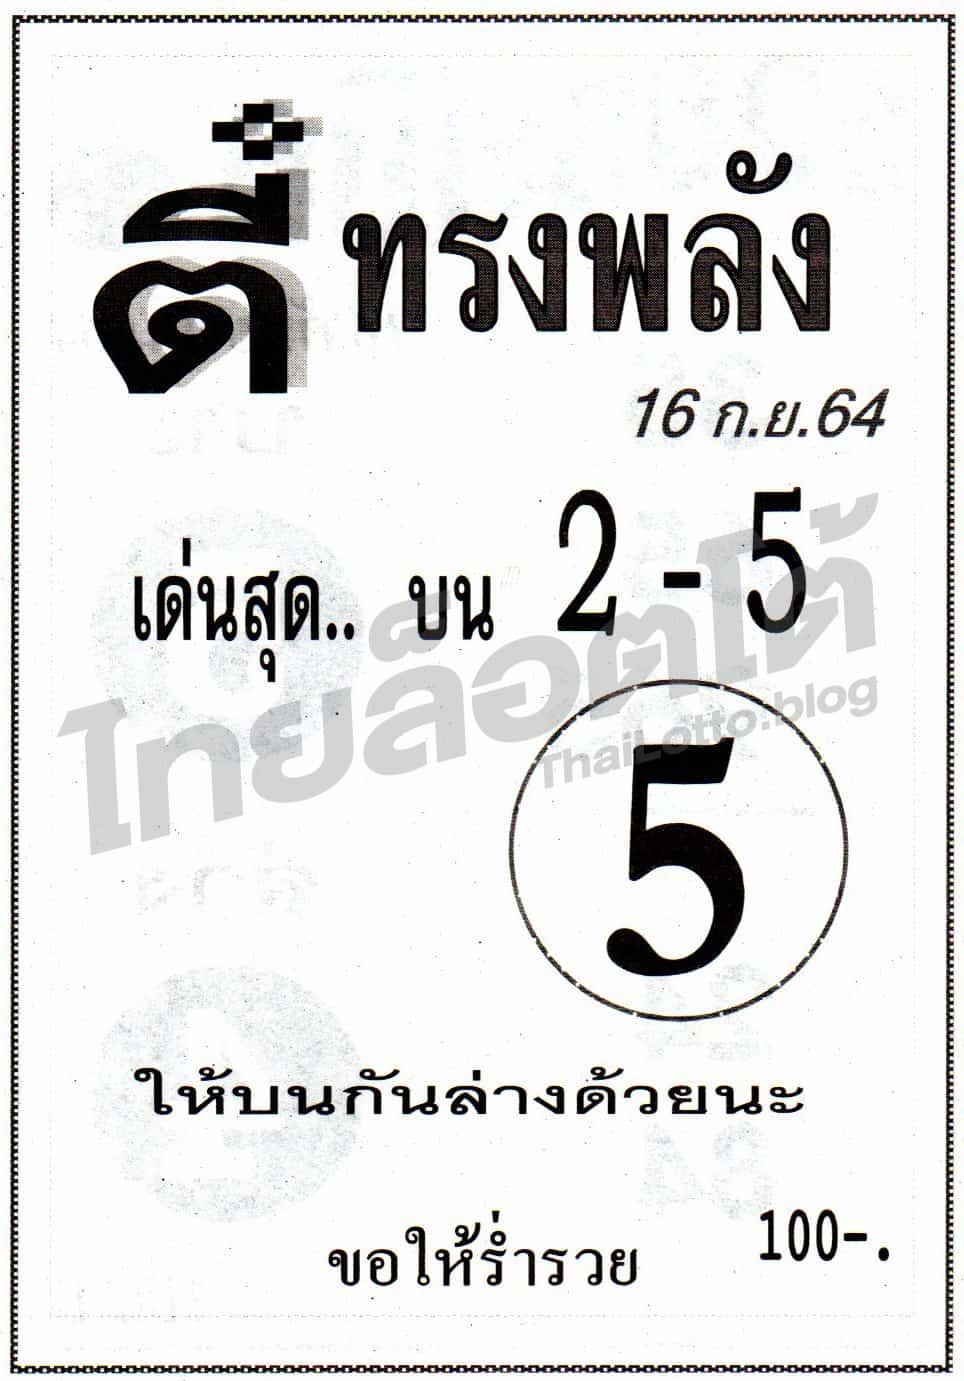 หวยซอง หวยตี๋ทรงพลัง-160964